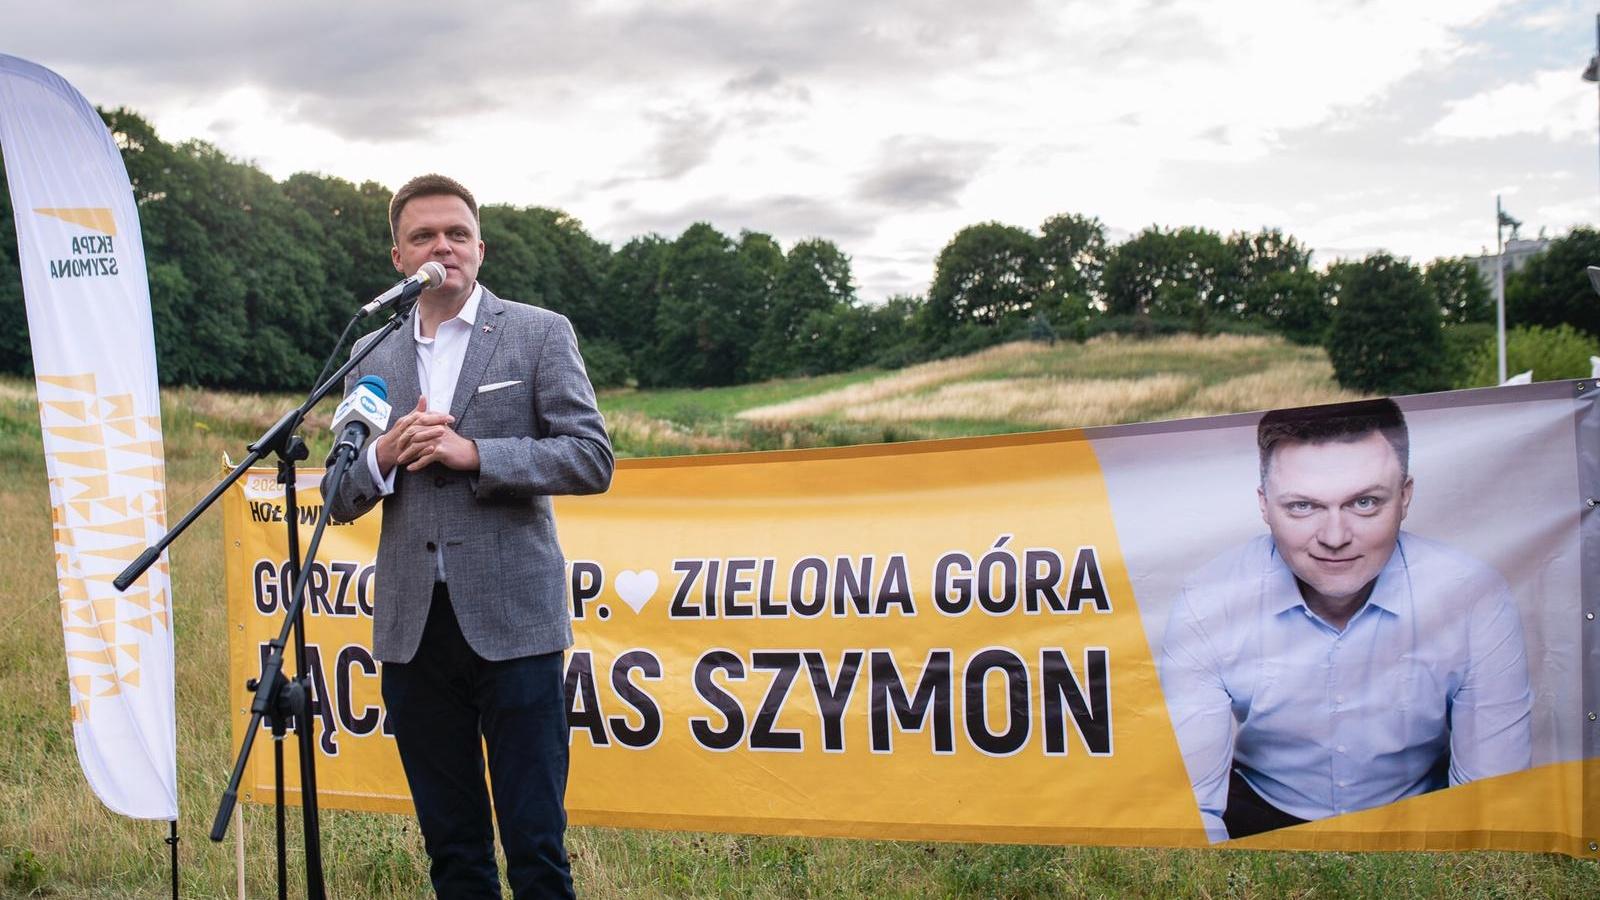 Hołownia: Nie ma powrotu do Polski PO